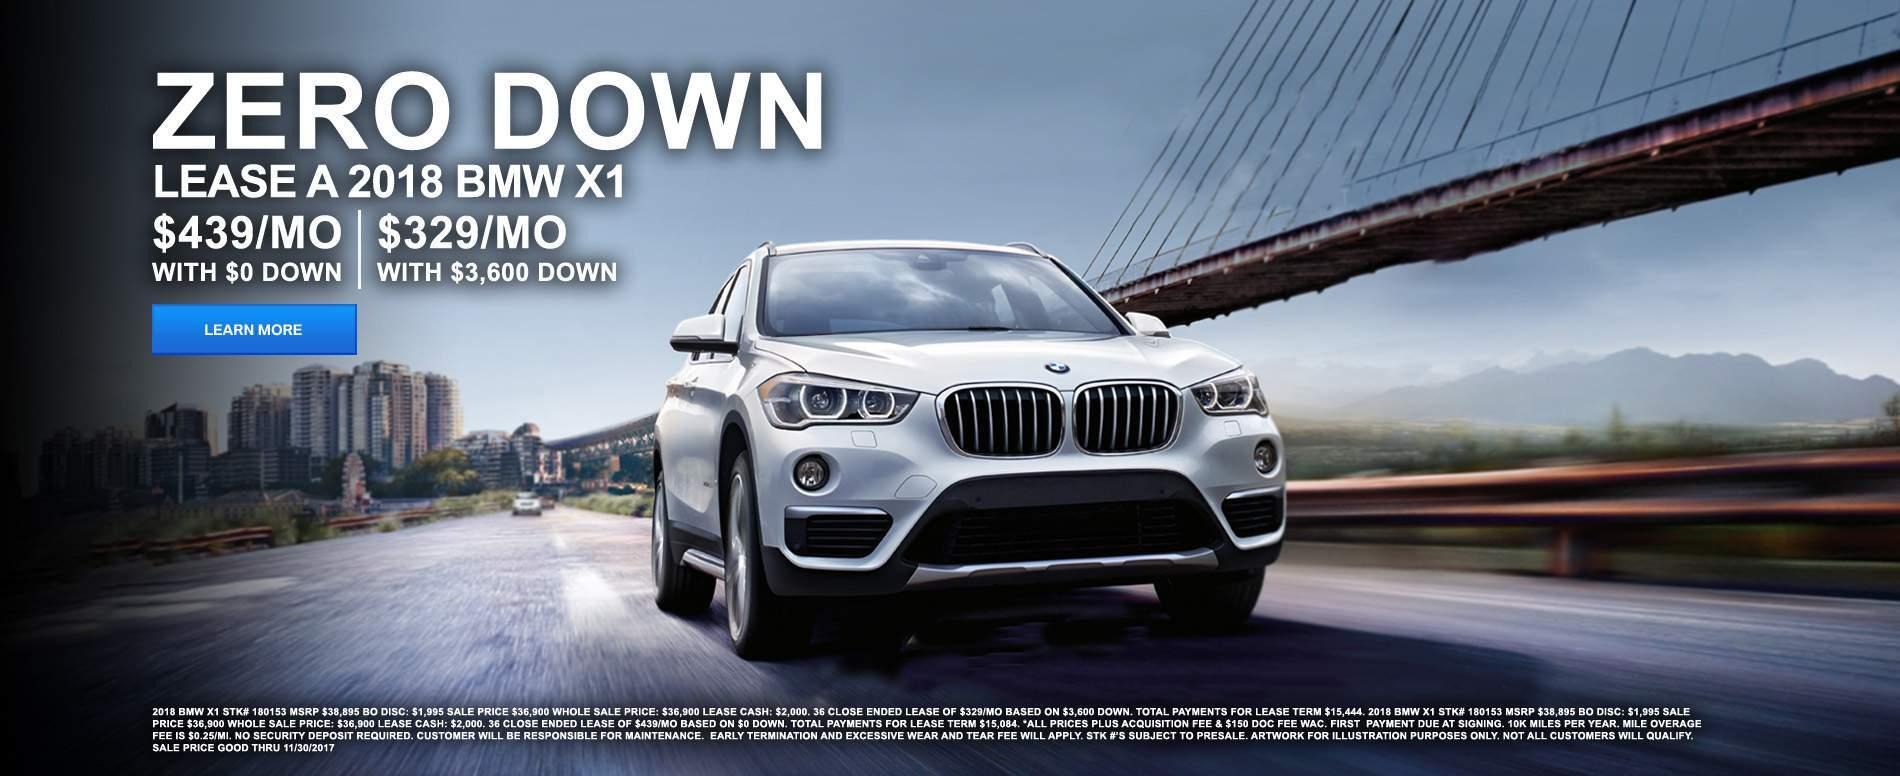 Bert Ogden Infiniti >> BMW Dealership McAllen TX | Used Cars Bert Ogden McAllen BMW